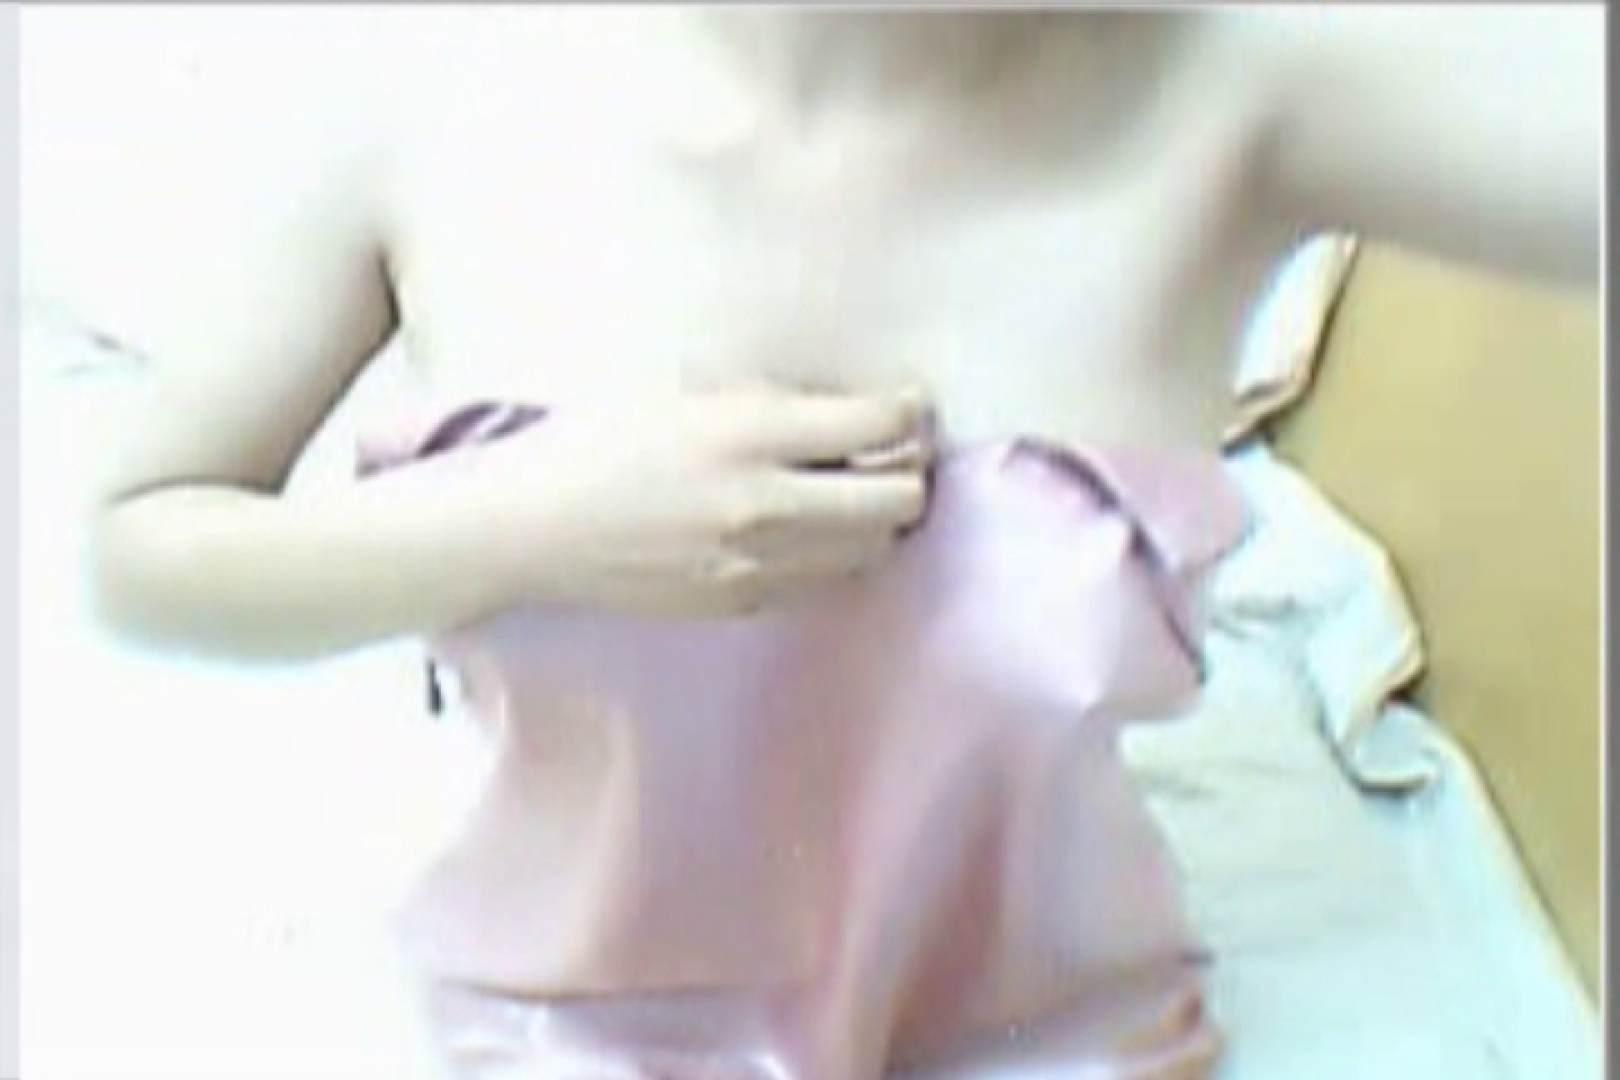 コリアン素人流出シリーズ 美人ライブチャットオナニー お姉さんのおっぱい | オナニー映像  69枚 16